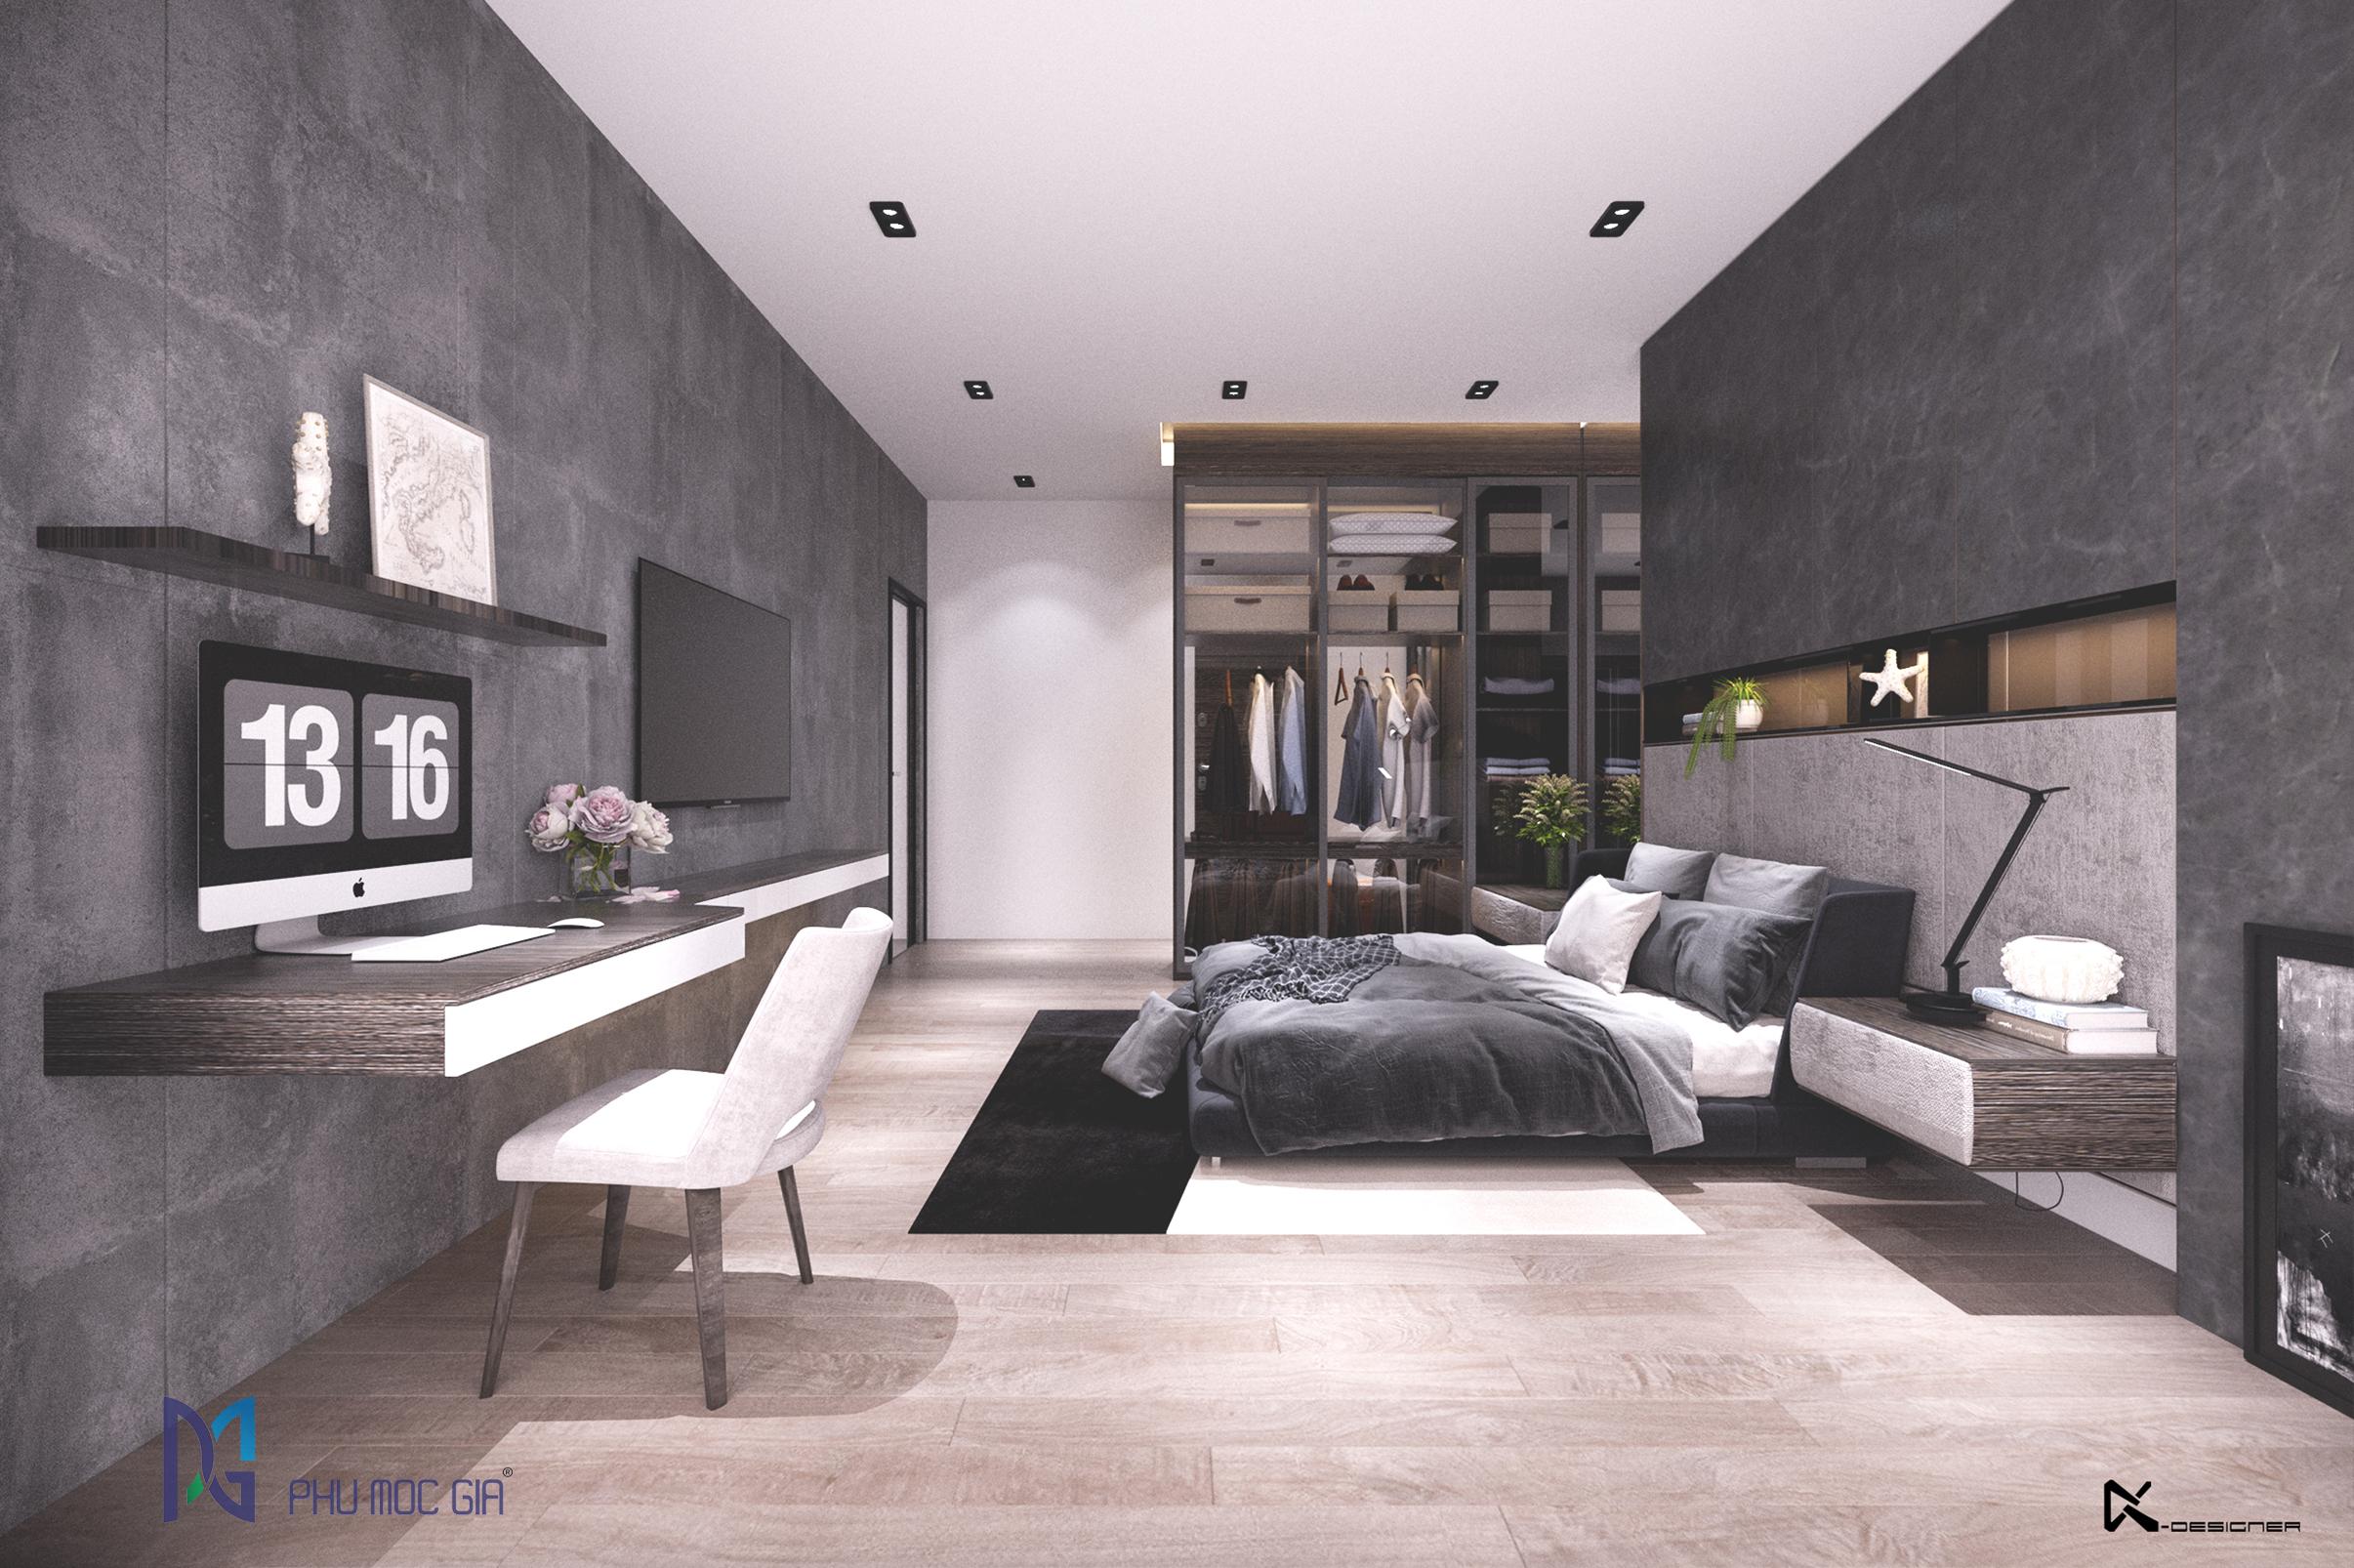 thiết kế nội thất Biệt Thự tại Đà Nẵng Sky Villa 5 1563984677